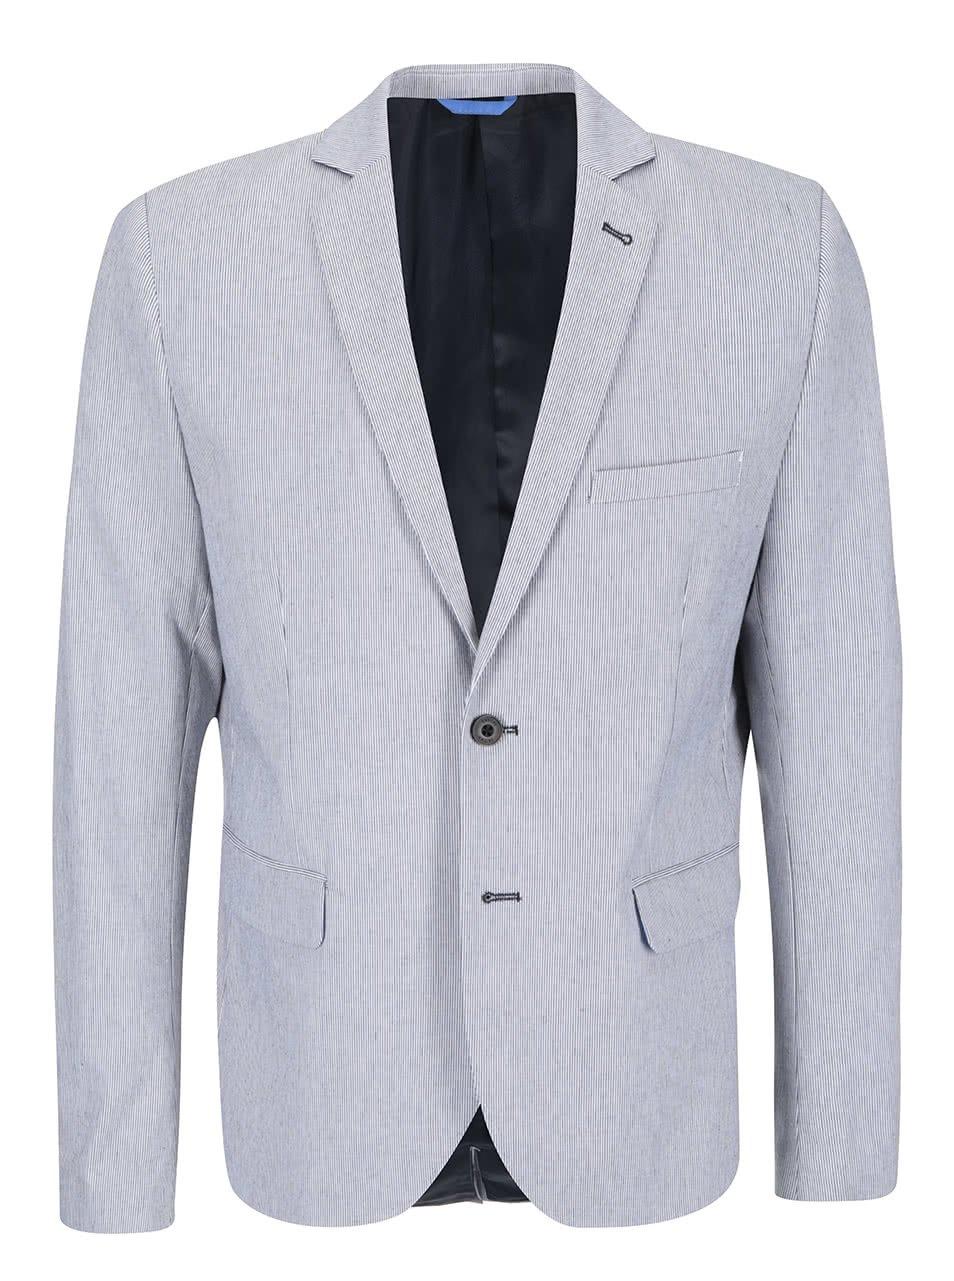 Bílo-modré pruhované sako Casual Friday by Blend